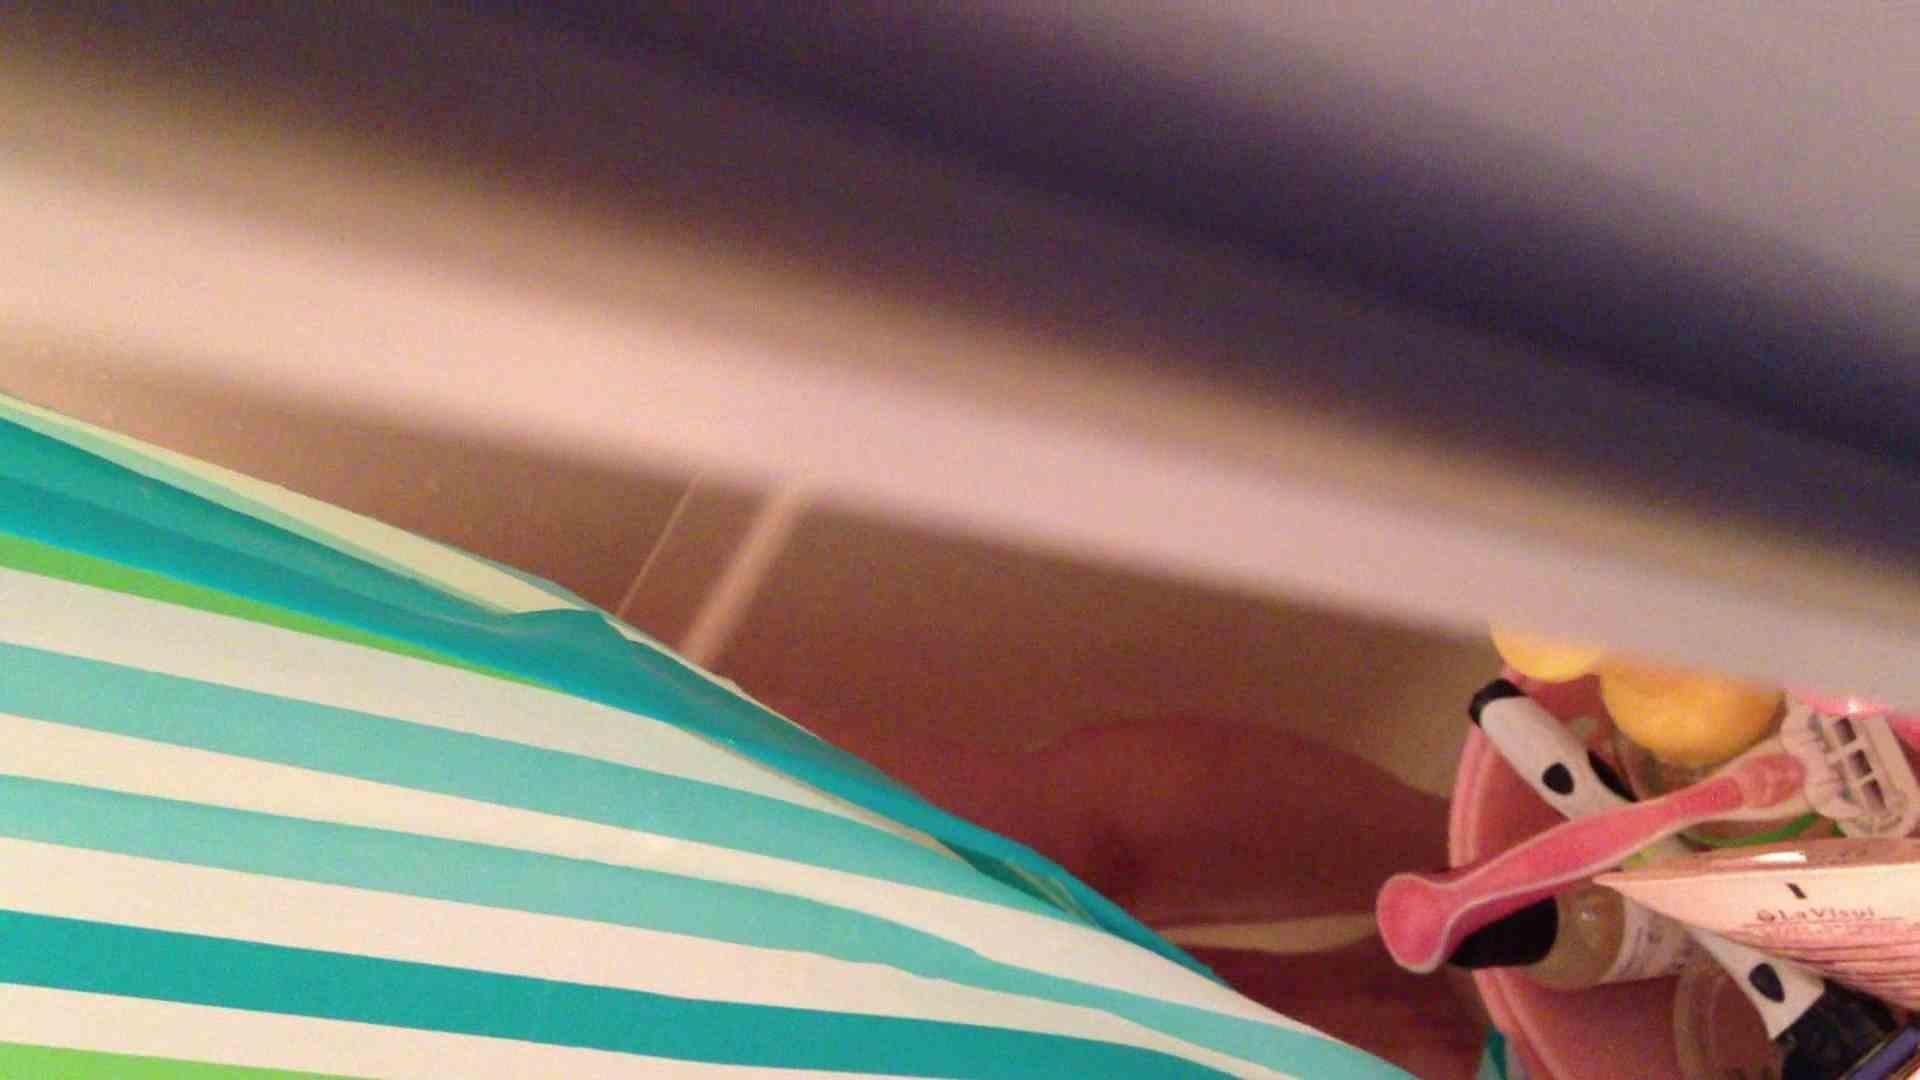 16(16日目)シャワー中にムダ毛処理をする彼女 パイパン  55PIX 24